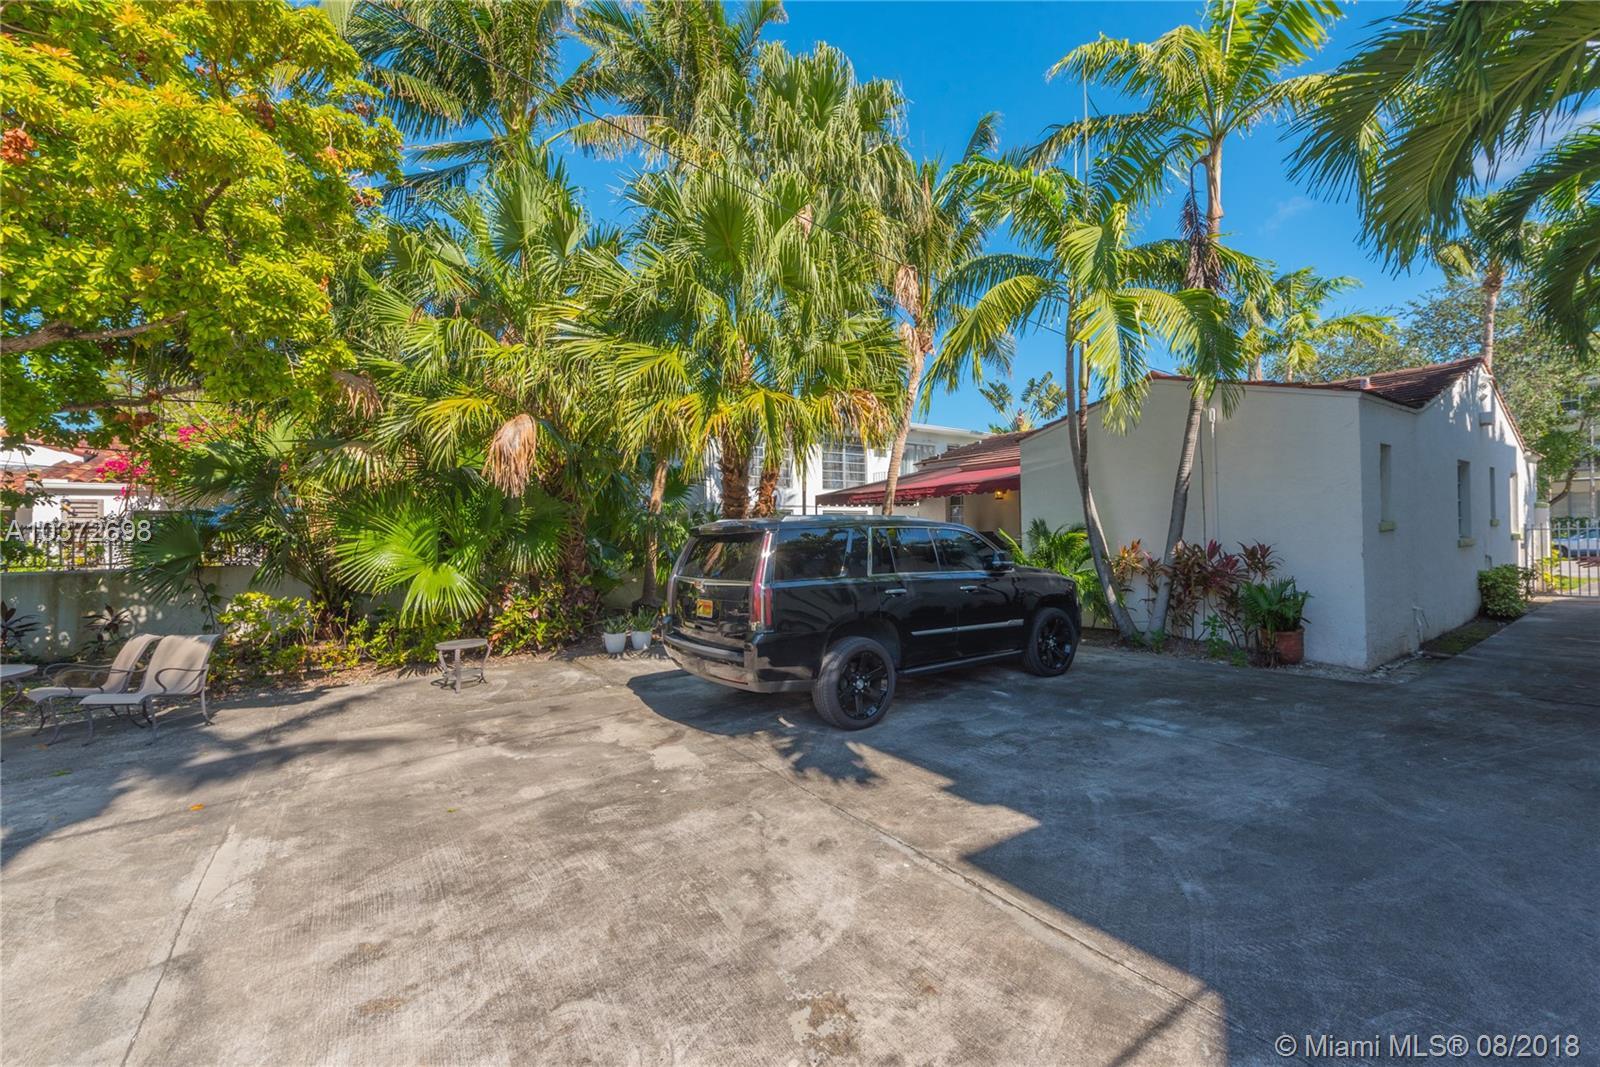 1560 Michigan Ave, Miami Beach FL, 33139